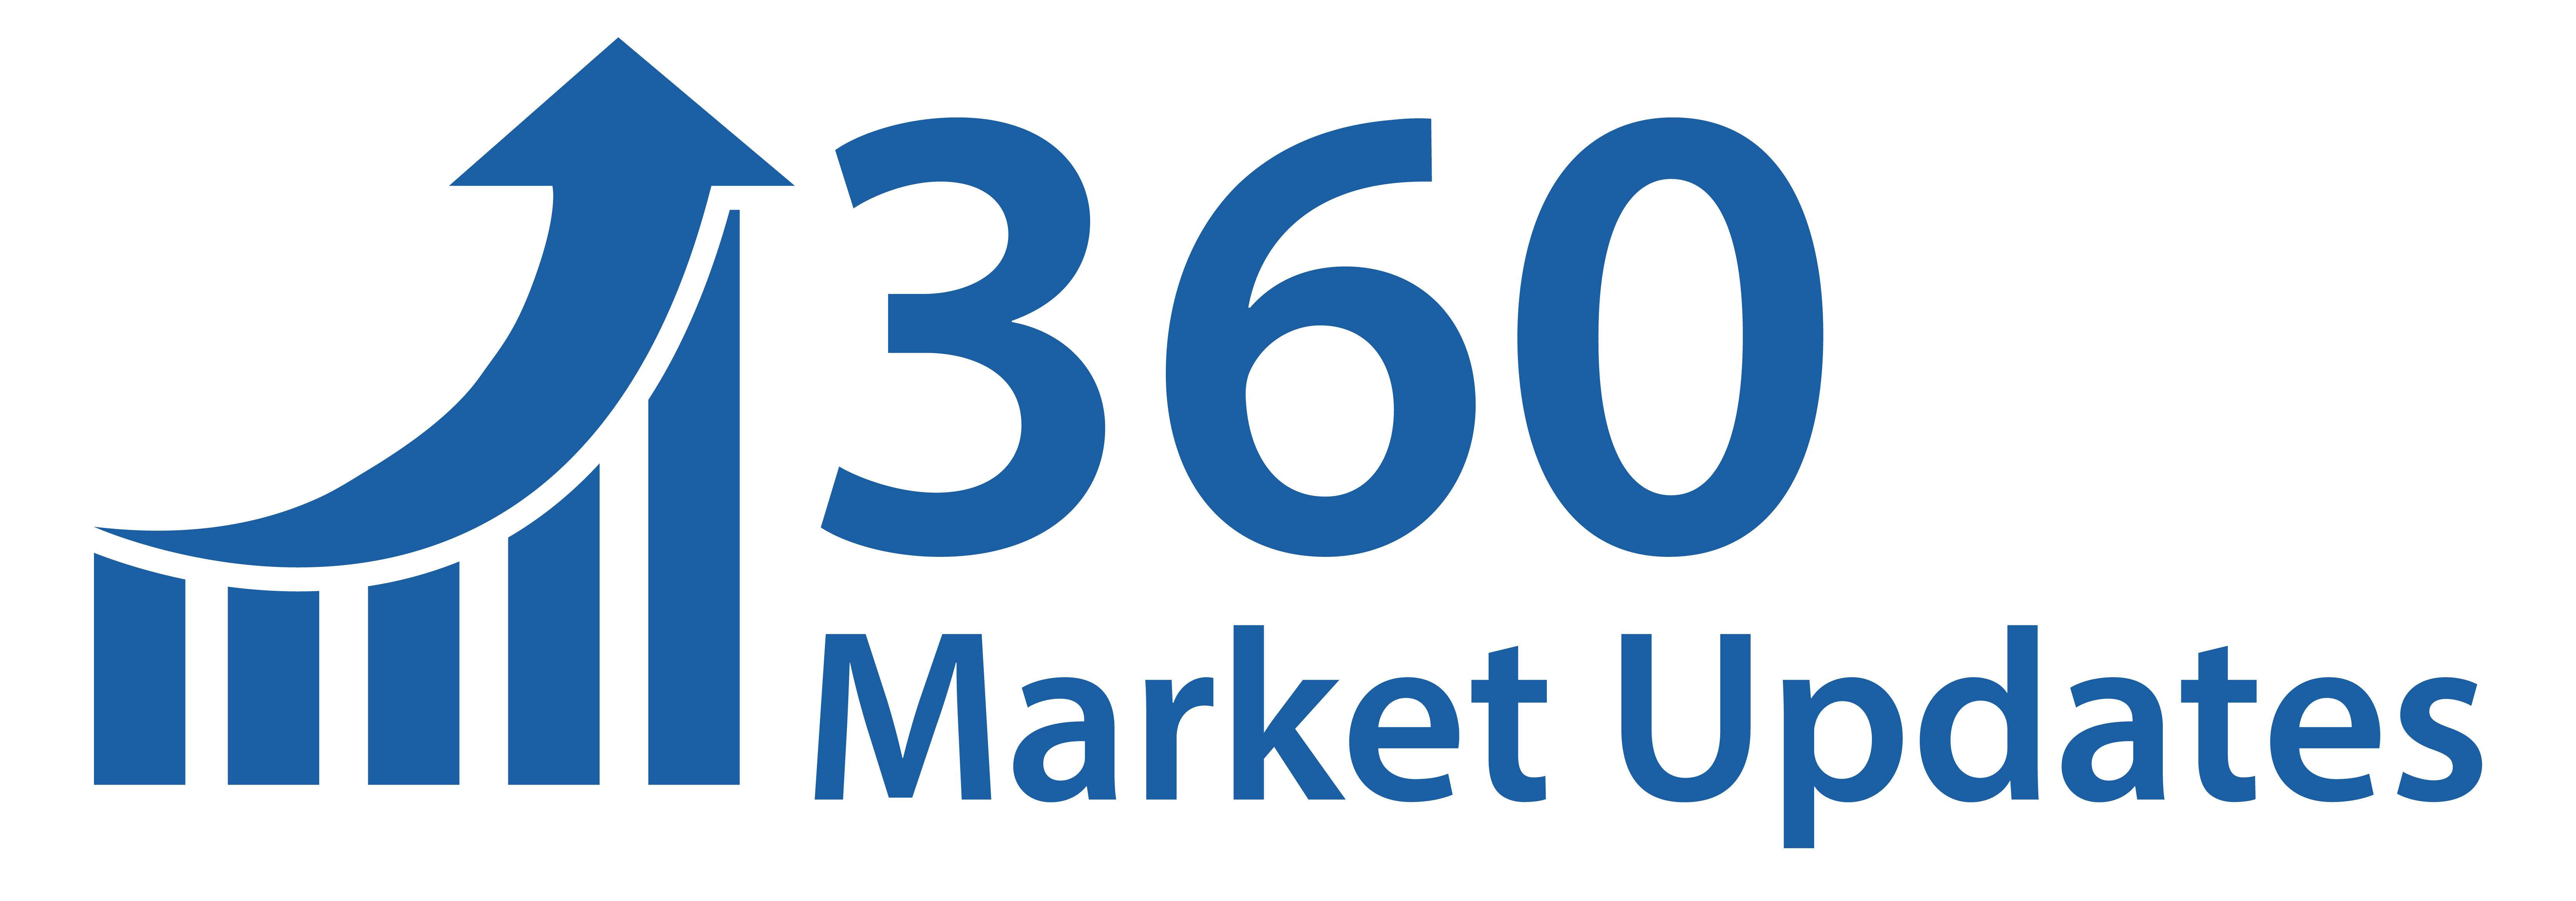 Artificial Lift Systems Market 2020 Übersicht zusammen mit Wettbewerbslandschaft, Unternehmensprofile n. B. Produktdetails und Wettbewerbern und Prognose 2024